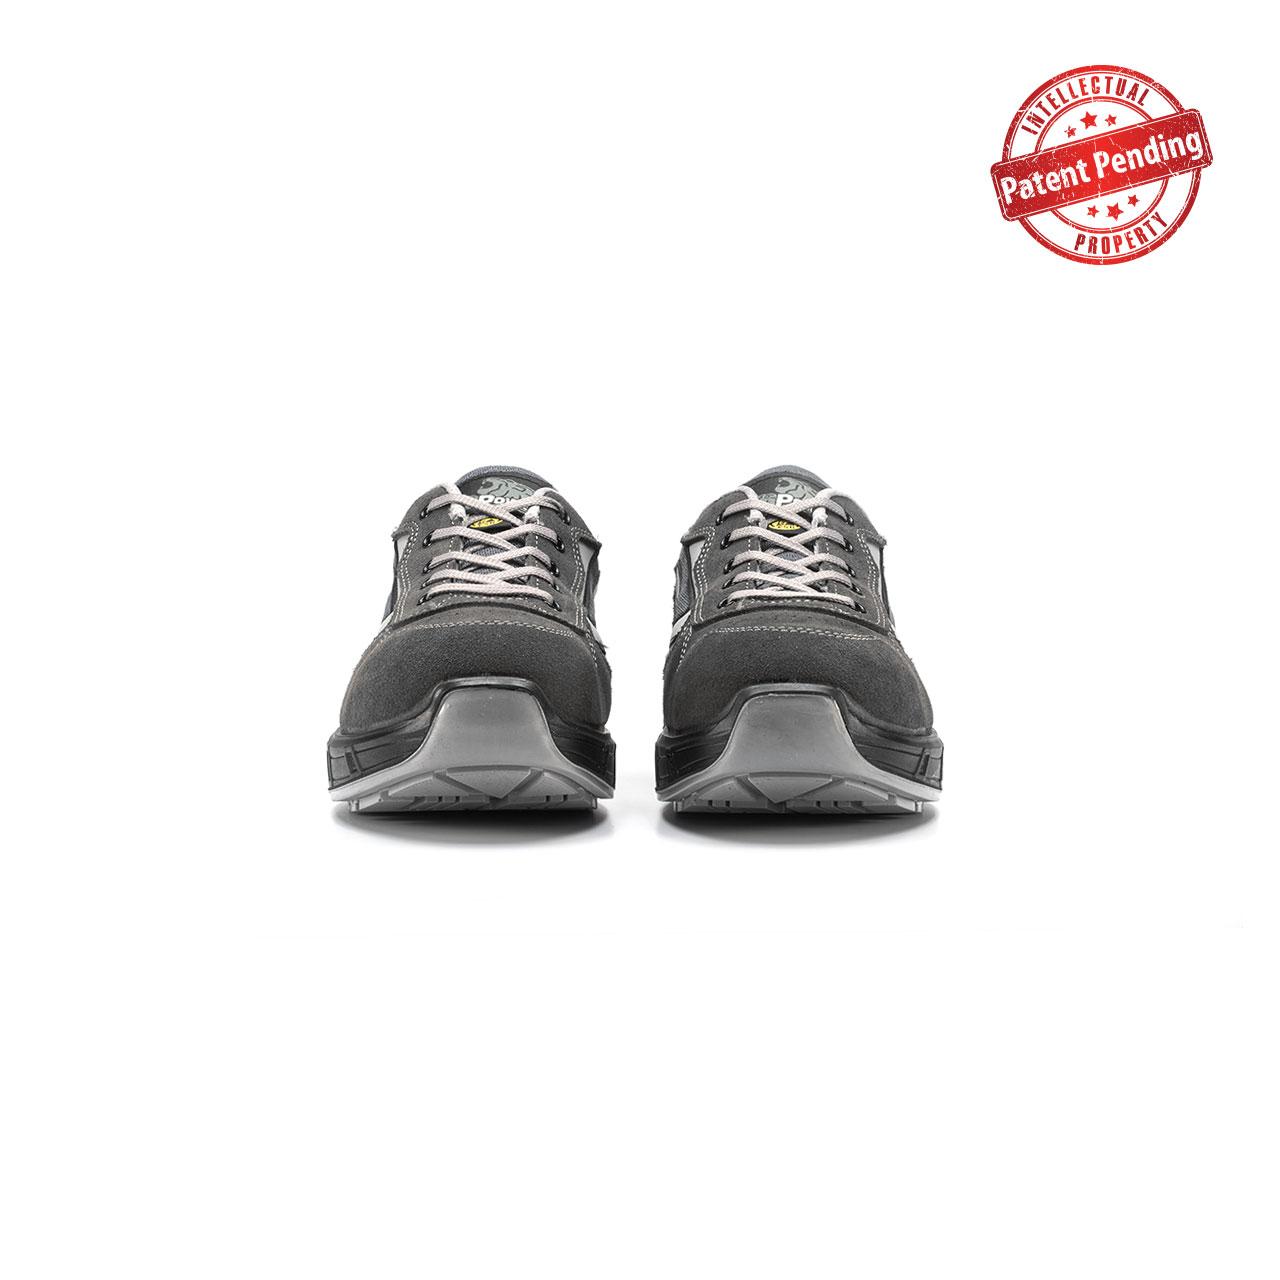 paio di scarpe antinfortunistiche upower modello push carpet linea redcarpet vista frontale